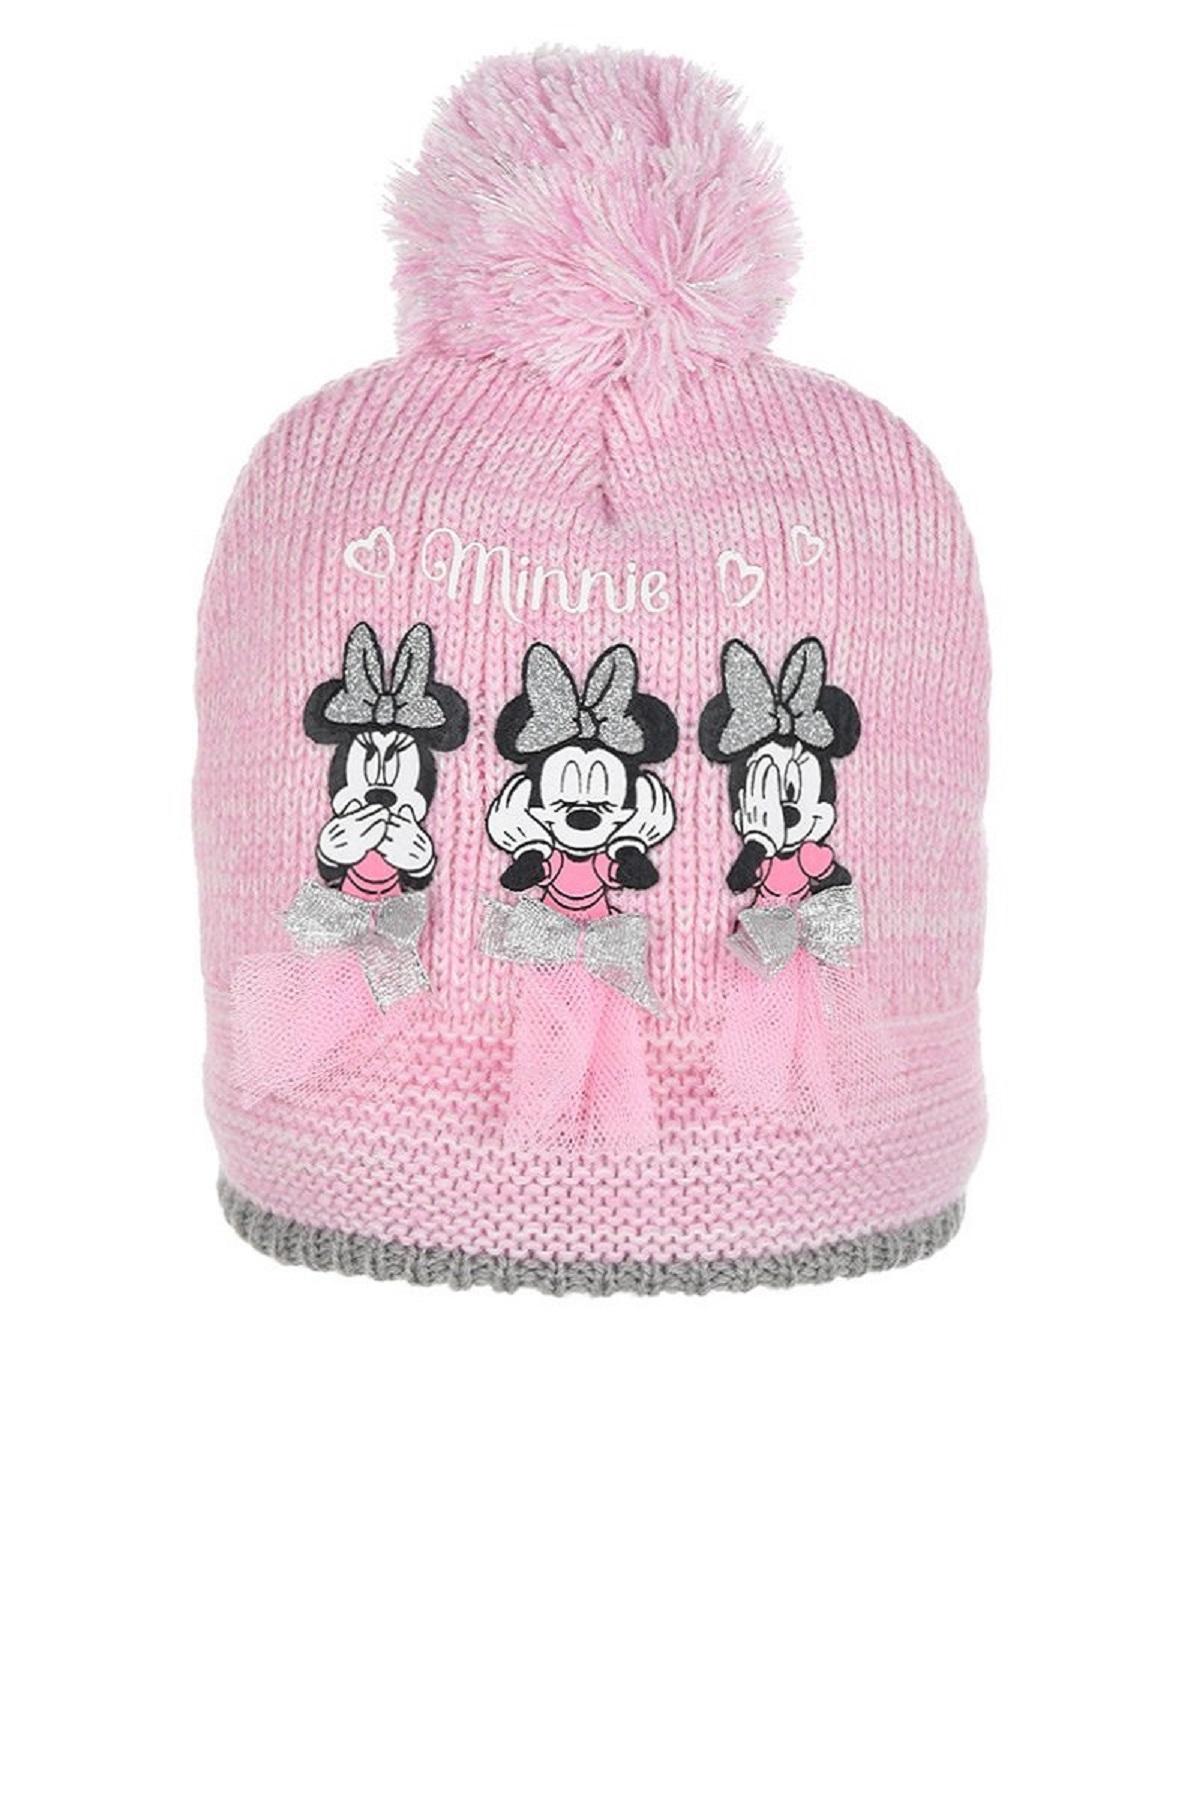 Bonnets Enfant Couleurs mélangées SO BRAND TH4151 #c eFashion Paris